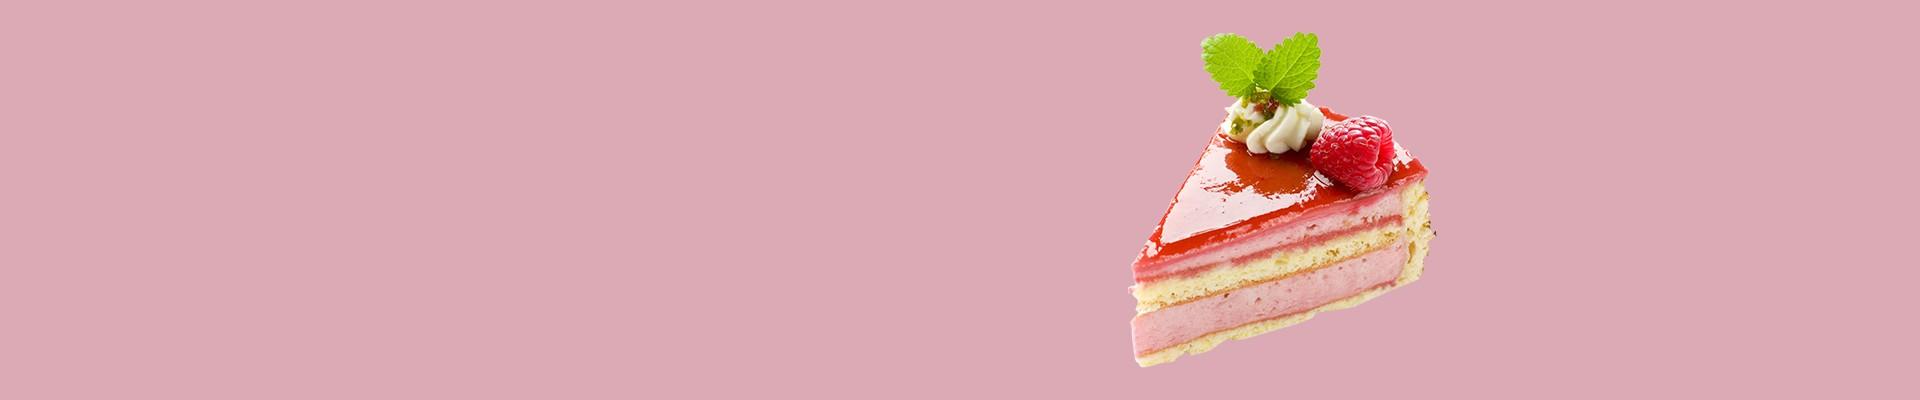 Jual Beli Aneka Kue Resep & Harga Terbaik